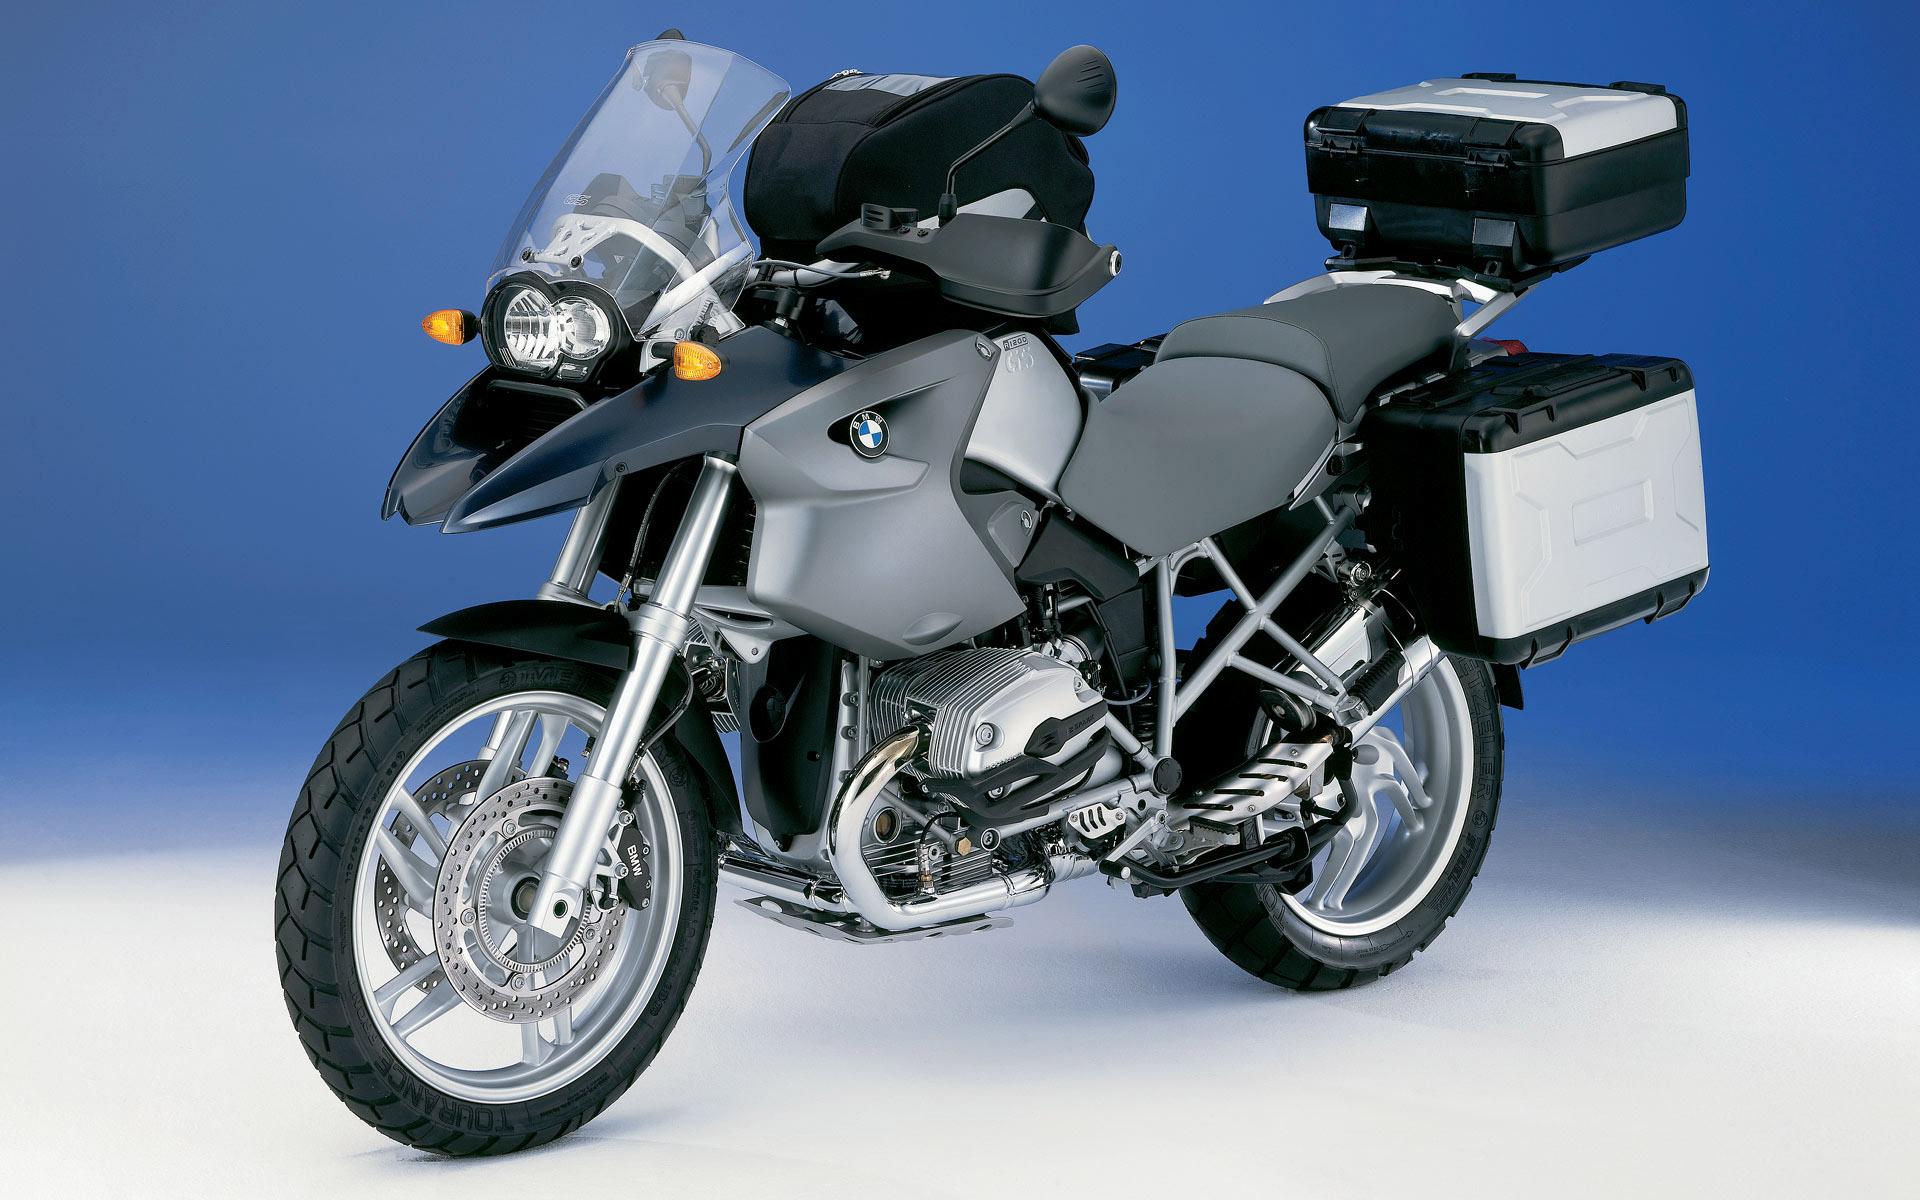 мотоциклы бмв 1200 к